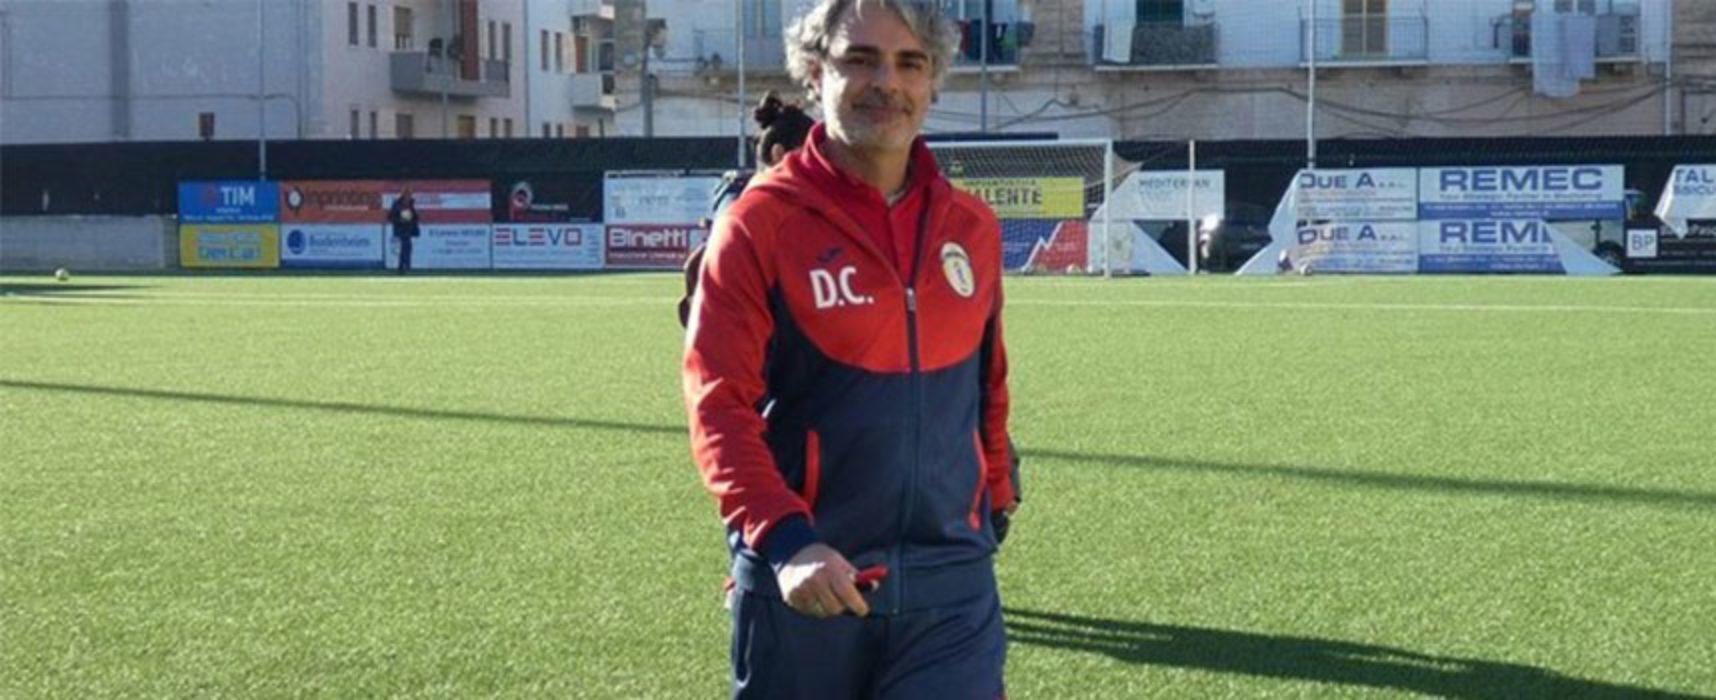 Domenico Capurso confermato alla guida del Don Uva Calcio